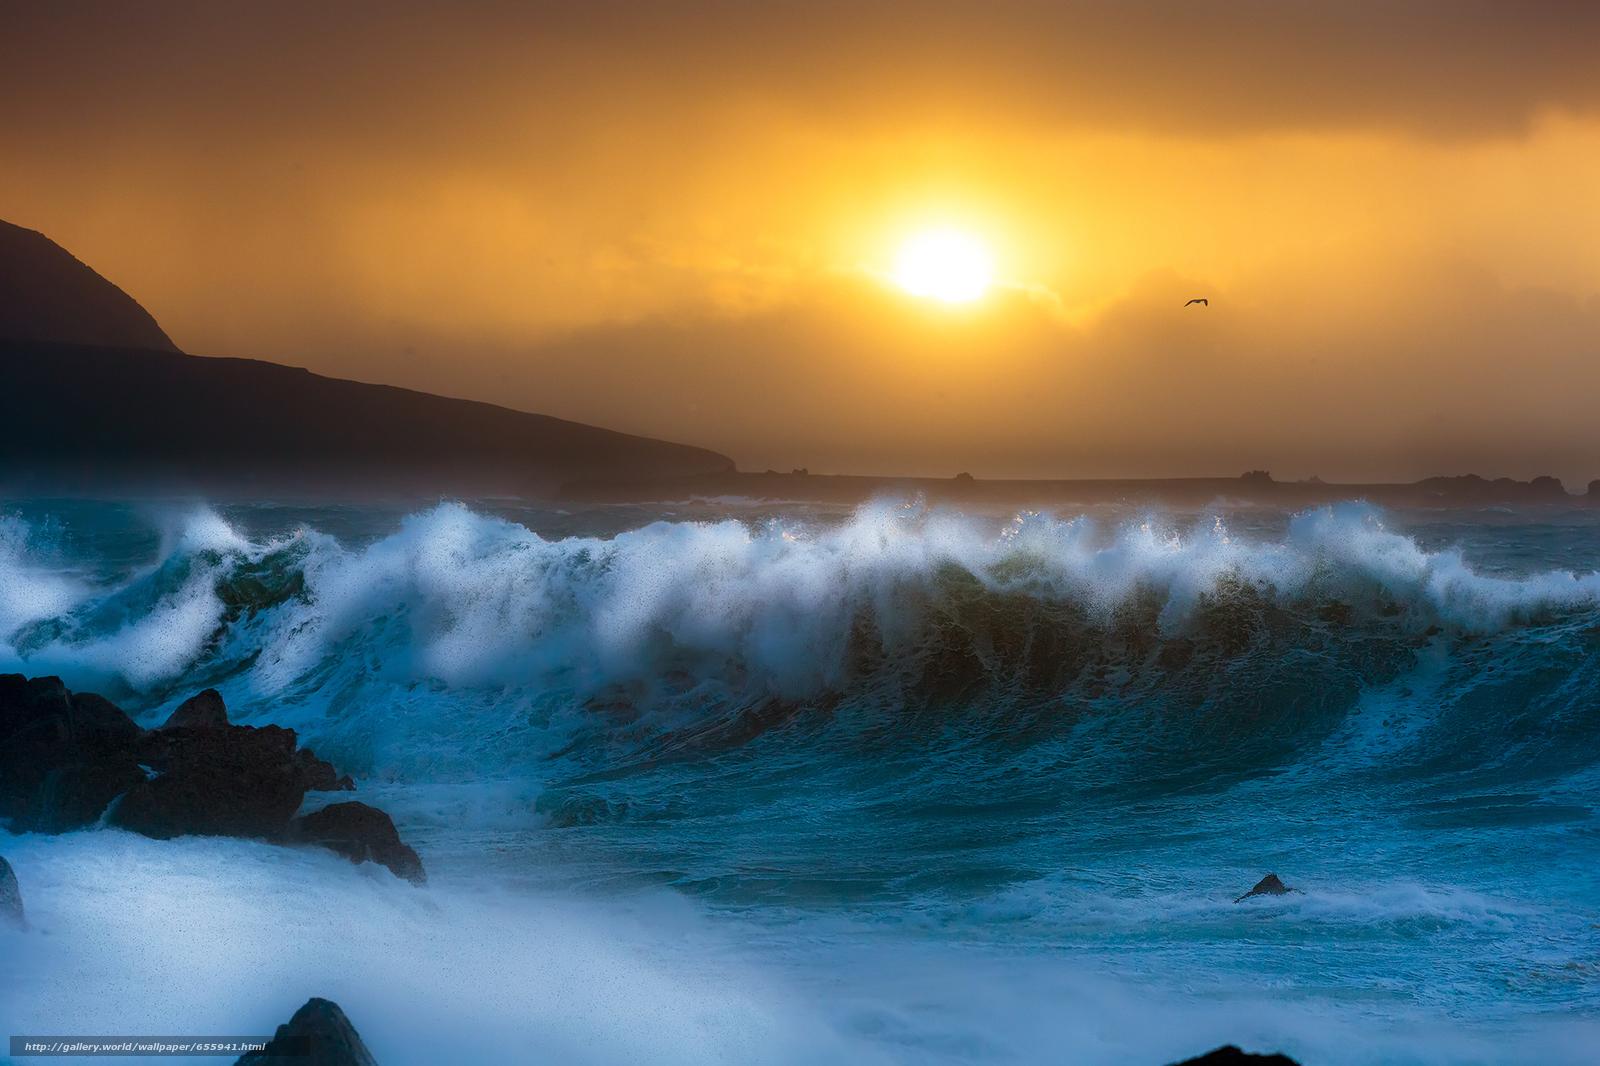 壁紙をダウンロード 日没,  海,  波浪,  風景 デスクトップの解像度のための無料壁紙 2084x1389 — 絵 №655941